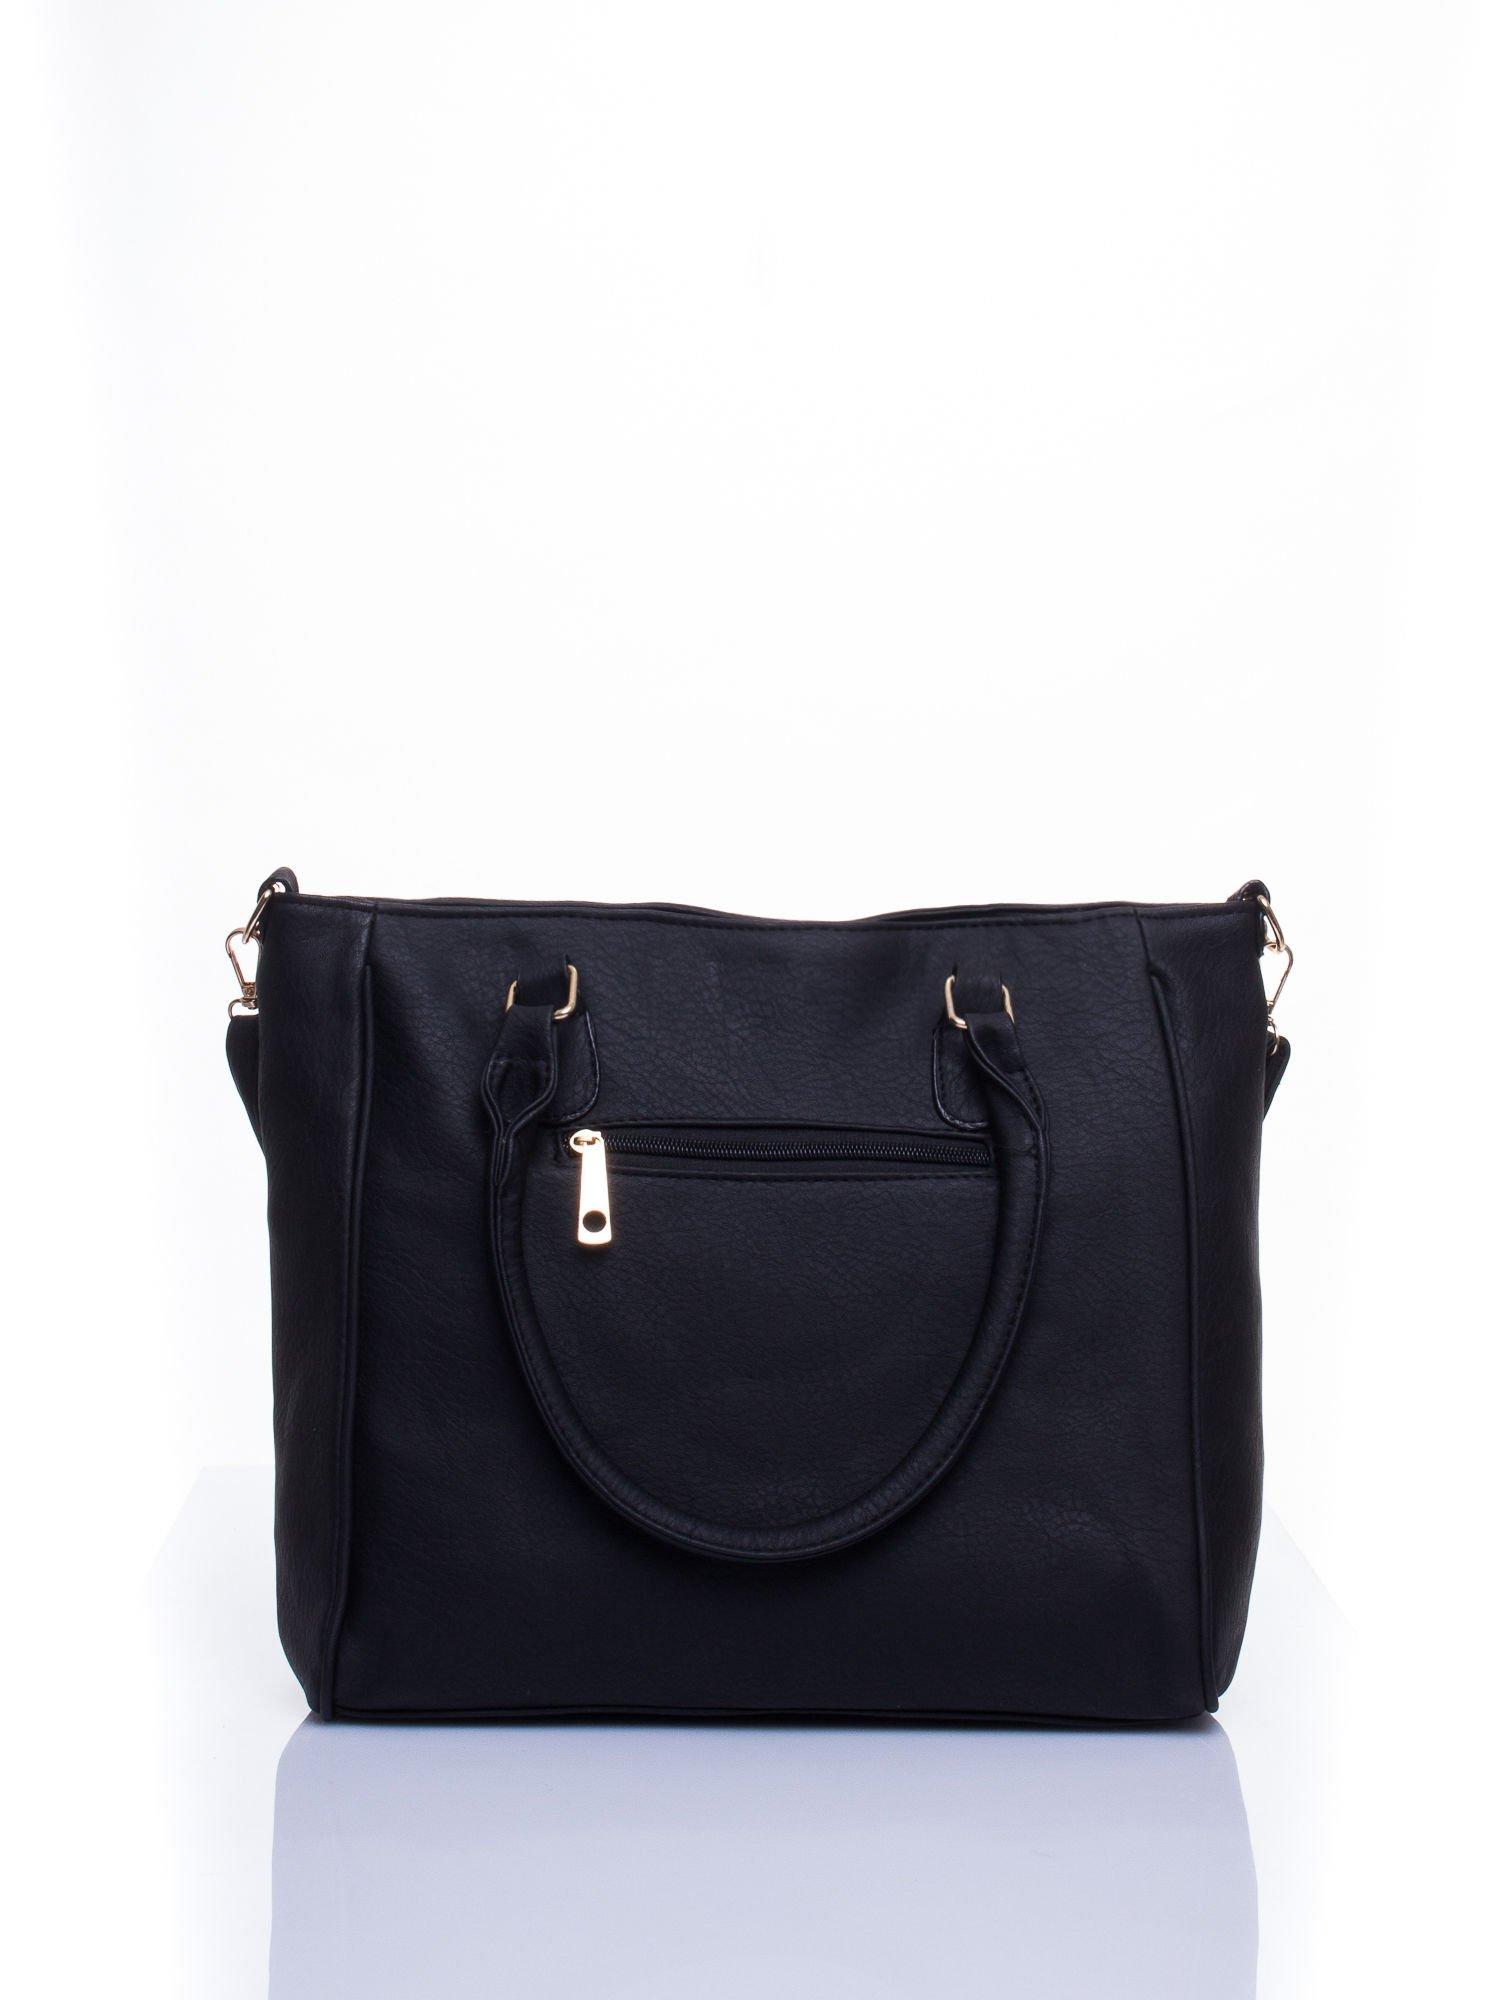 Czarna miejska torba z ozdobnymi klamrami                                  zdj.                                  2